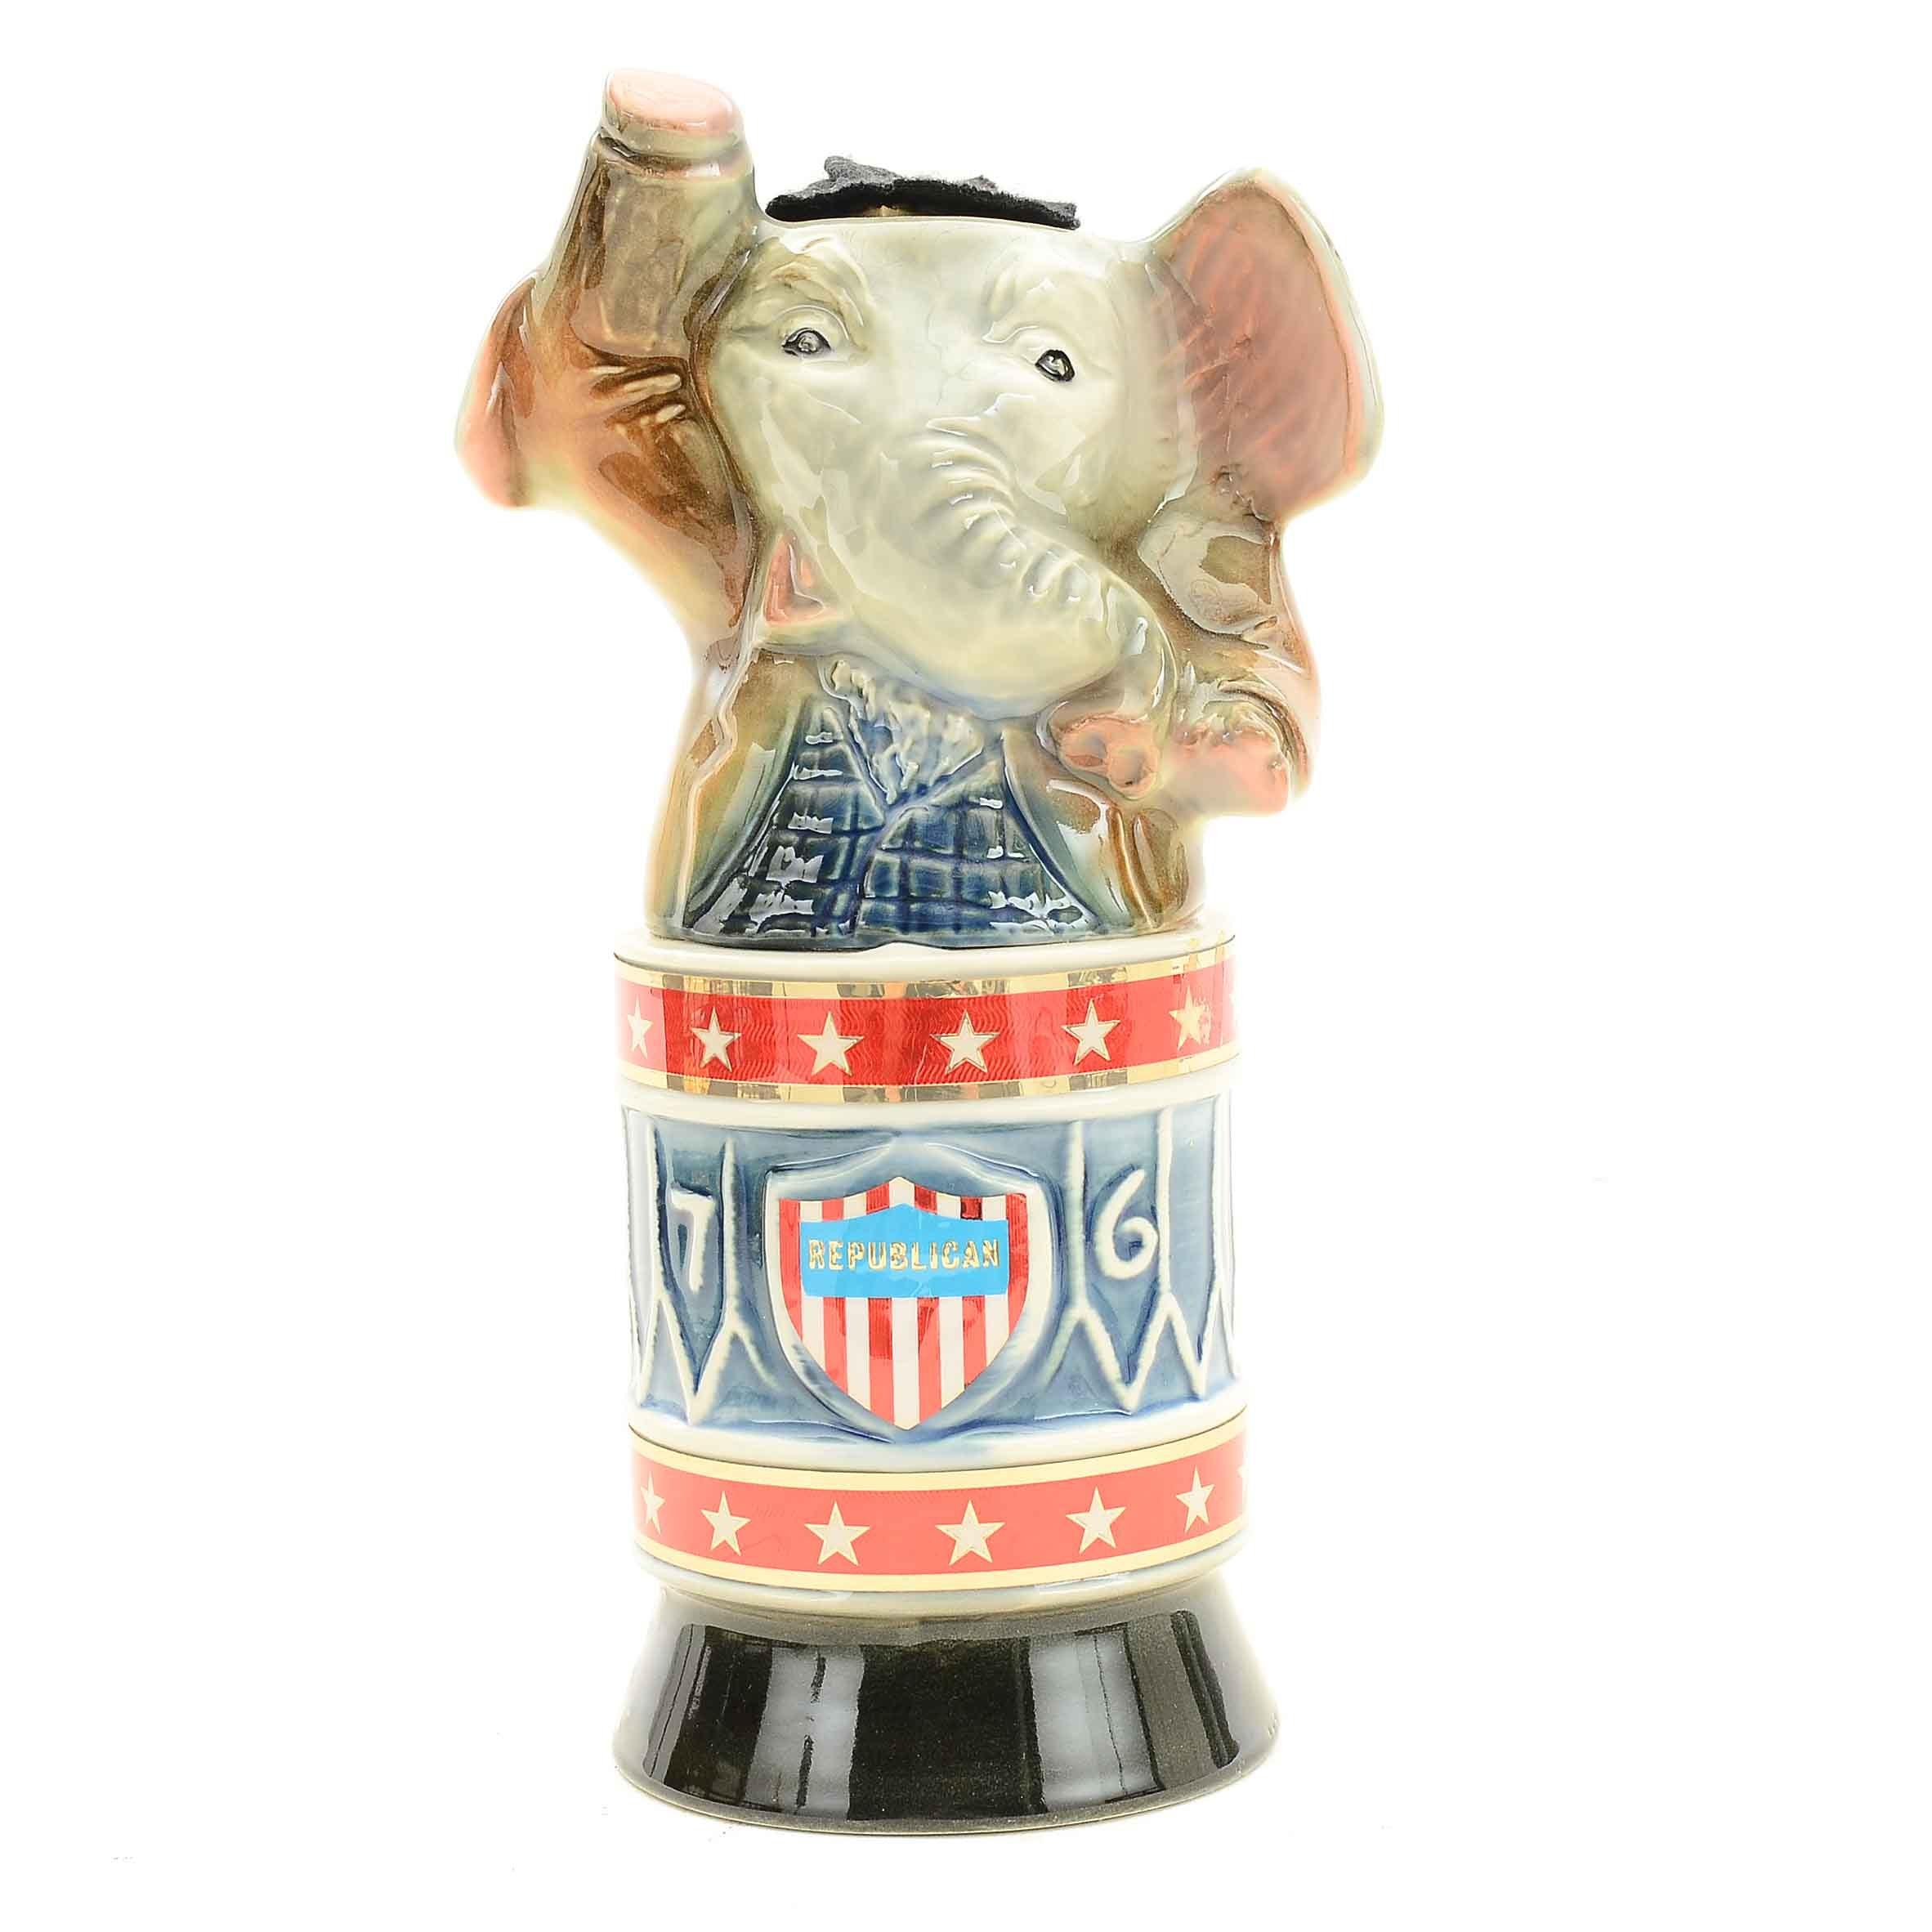 Jim Beam Bicentennial Republican Elephant Decanter